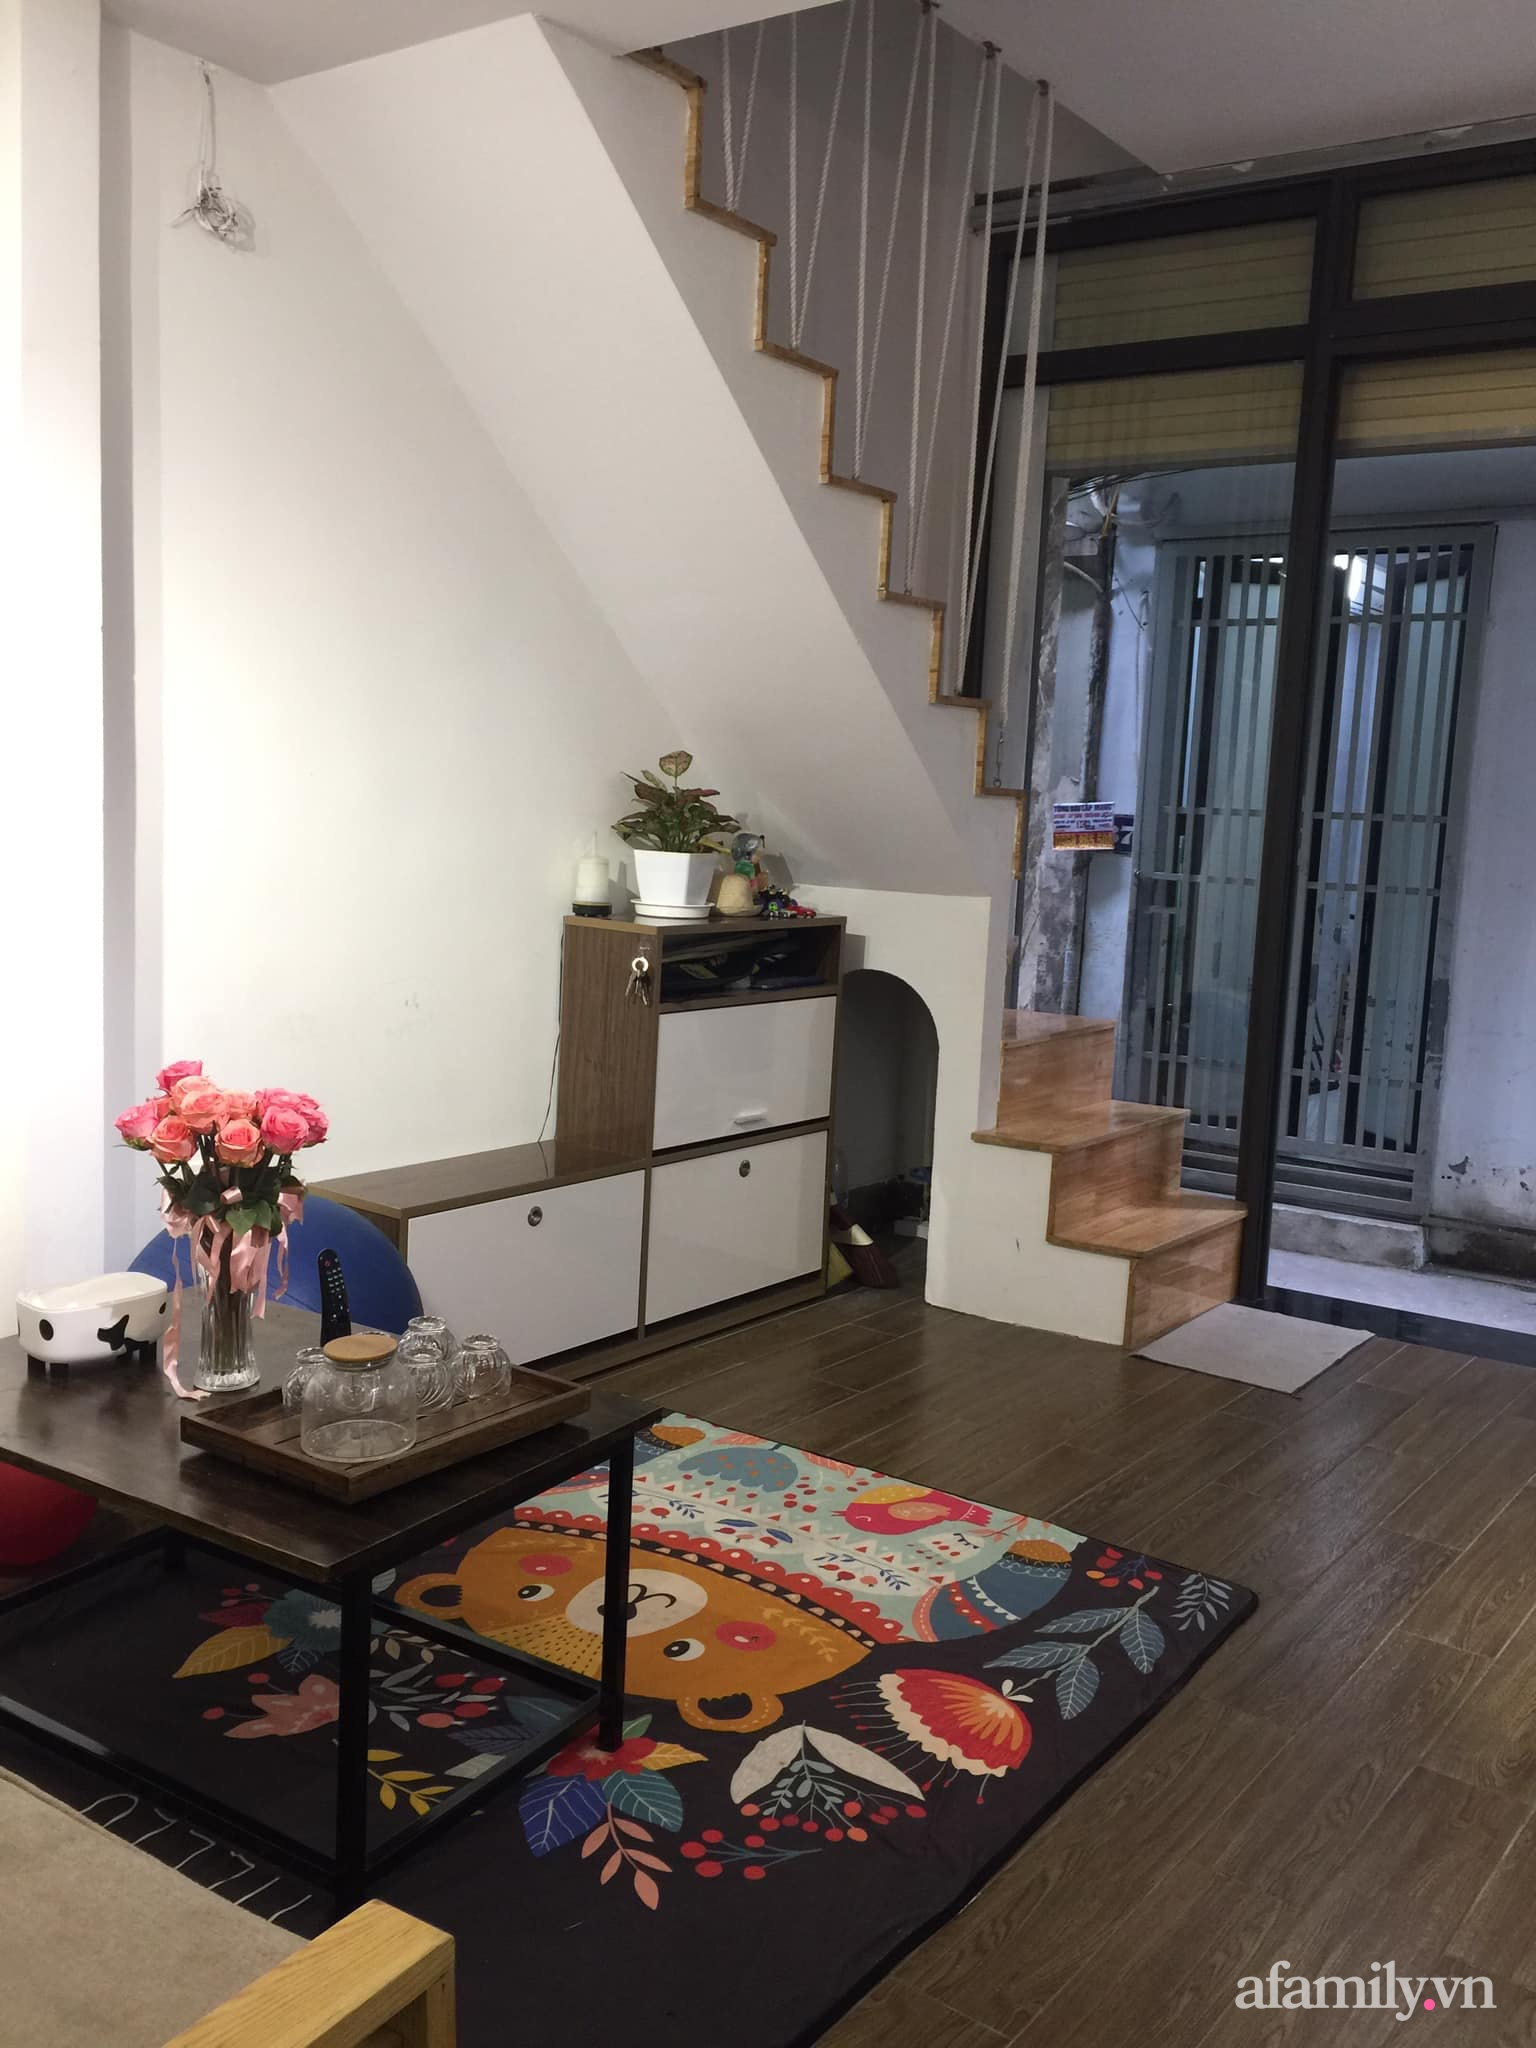 Chán cảnh thuê nhà, vợ chồng trẻ tích cóp tiền cải tạo nhà phố 20m² thành tổ ấm lý tưởng ở Hà Nội - Ảnh 3.